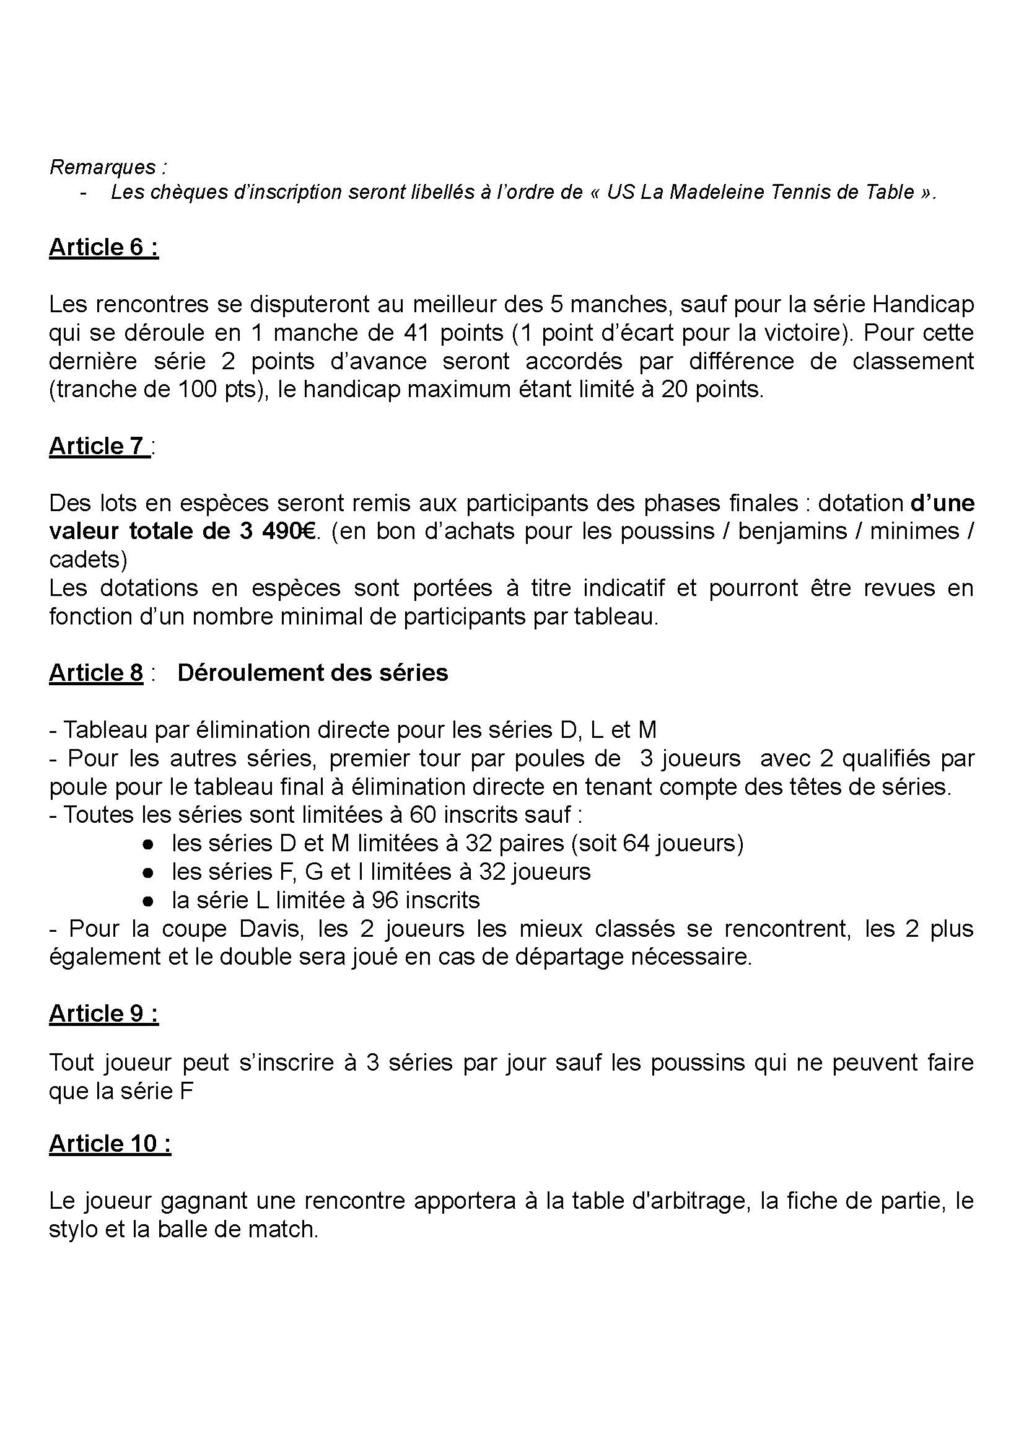 2ème Tournoi National B de l'US La Madeleine les 8 et 9 juin Rzogle13